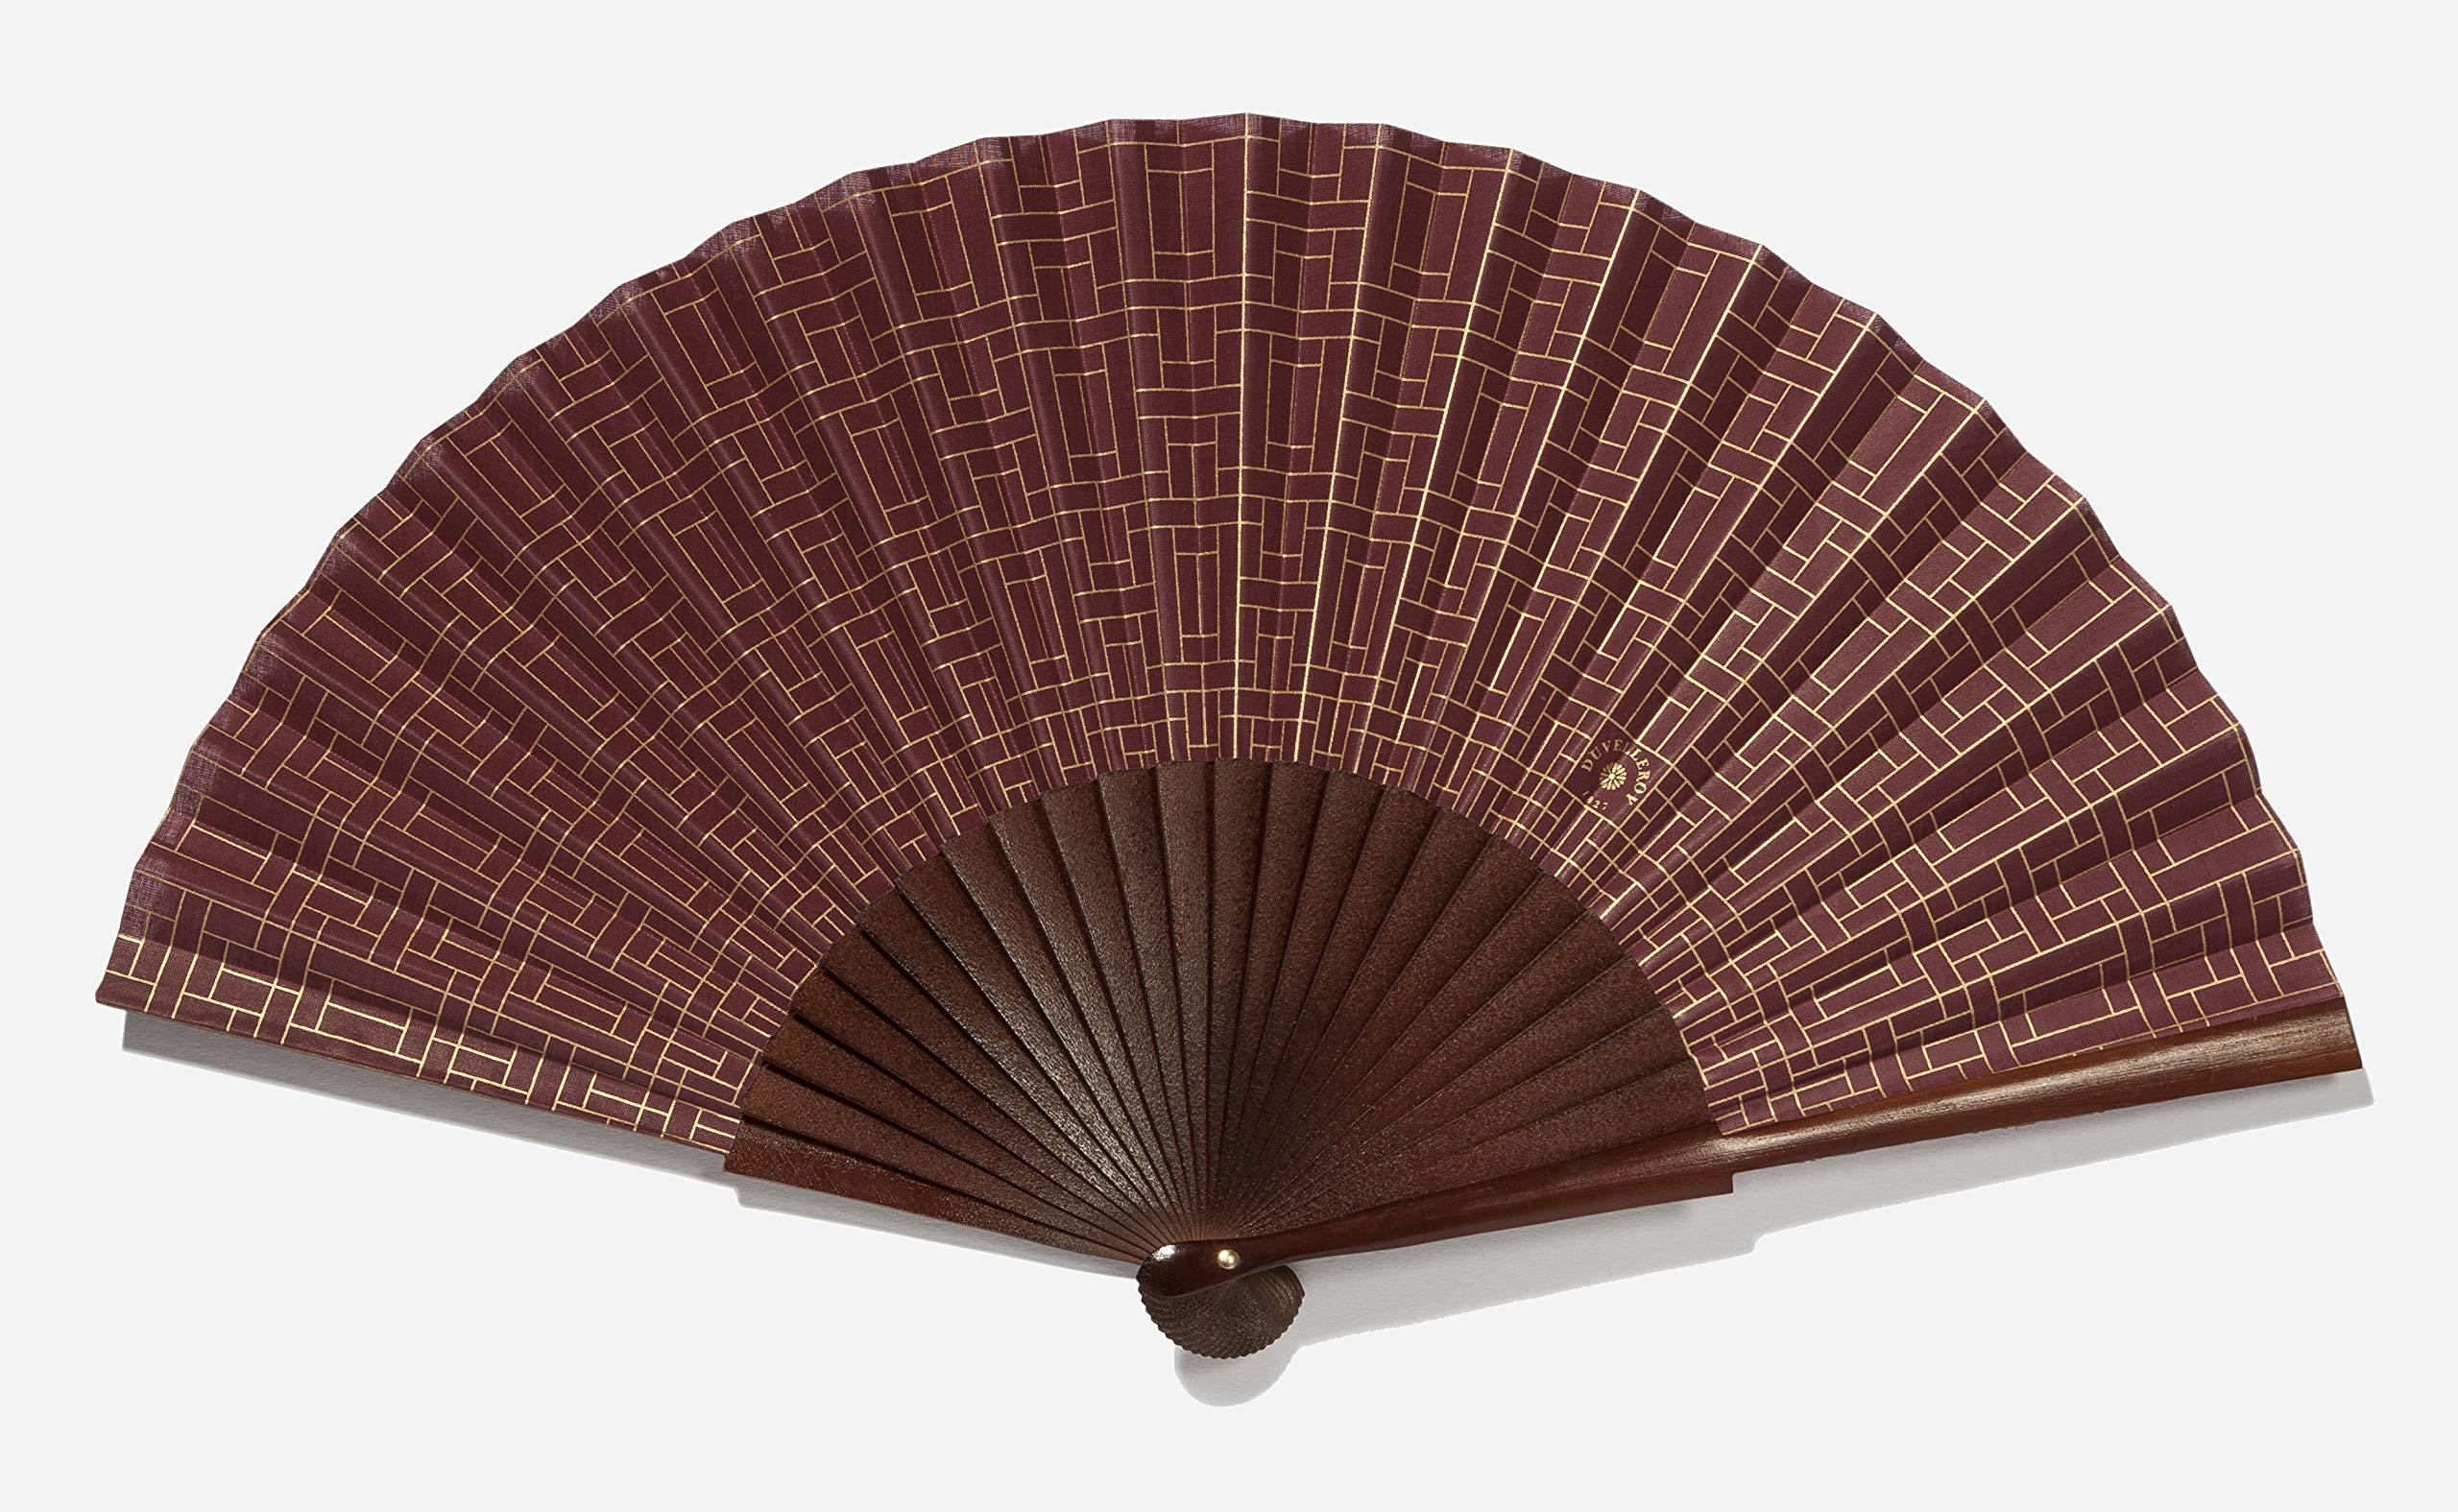 La Perfection Louis Mitsouko Burgundy Bordeaux Hand Fan by DUVELLEROY Paris 1827 Made in France by La Perfection Louis